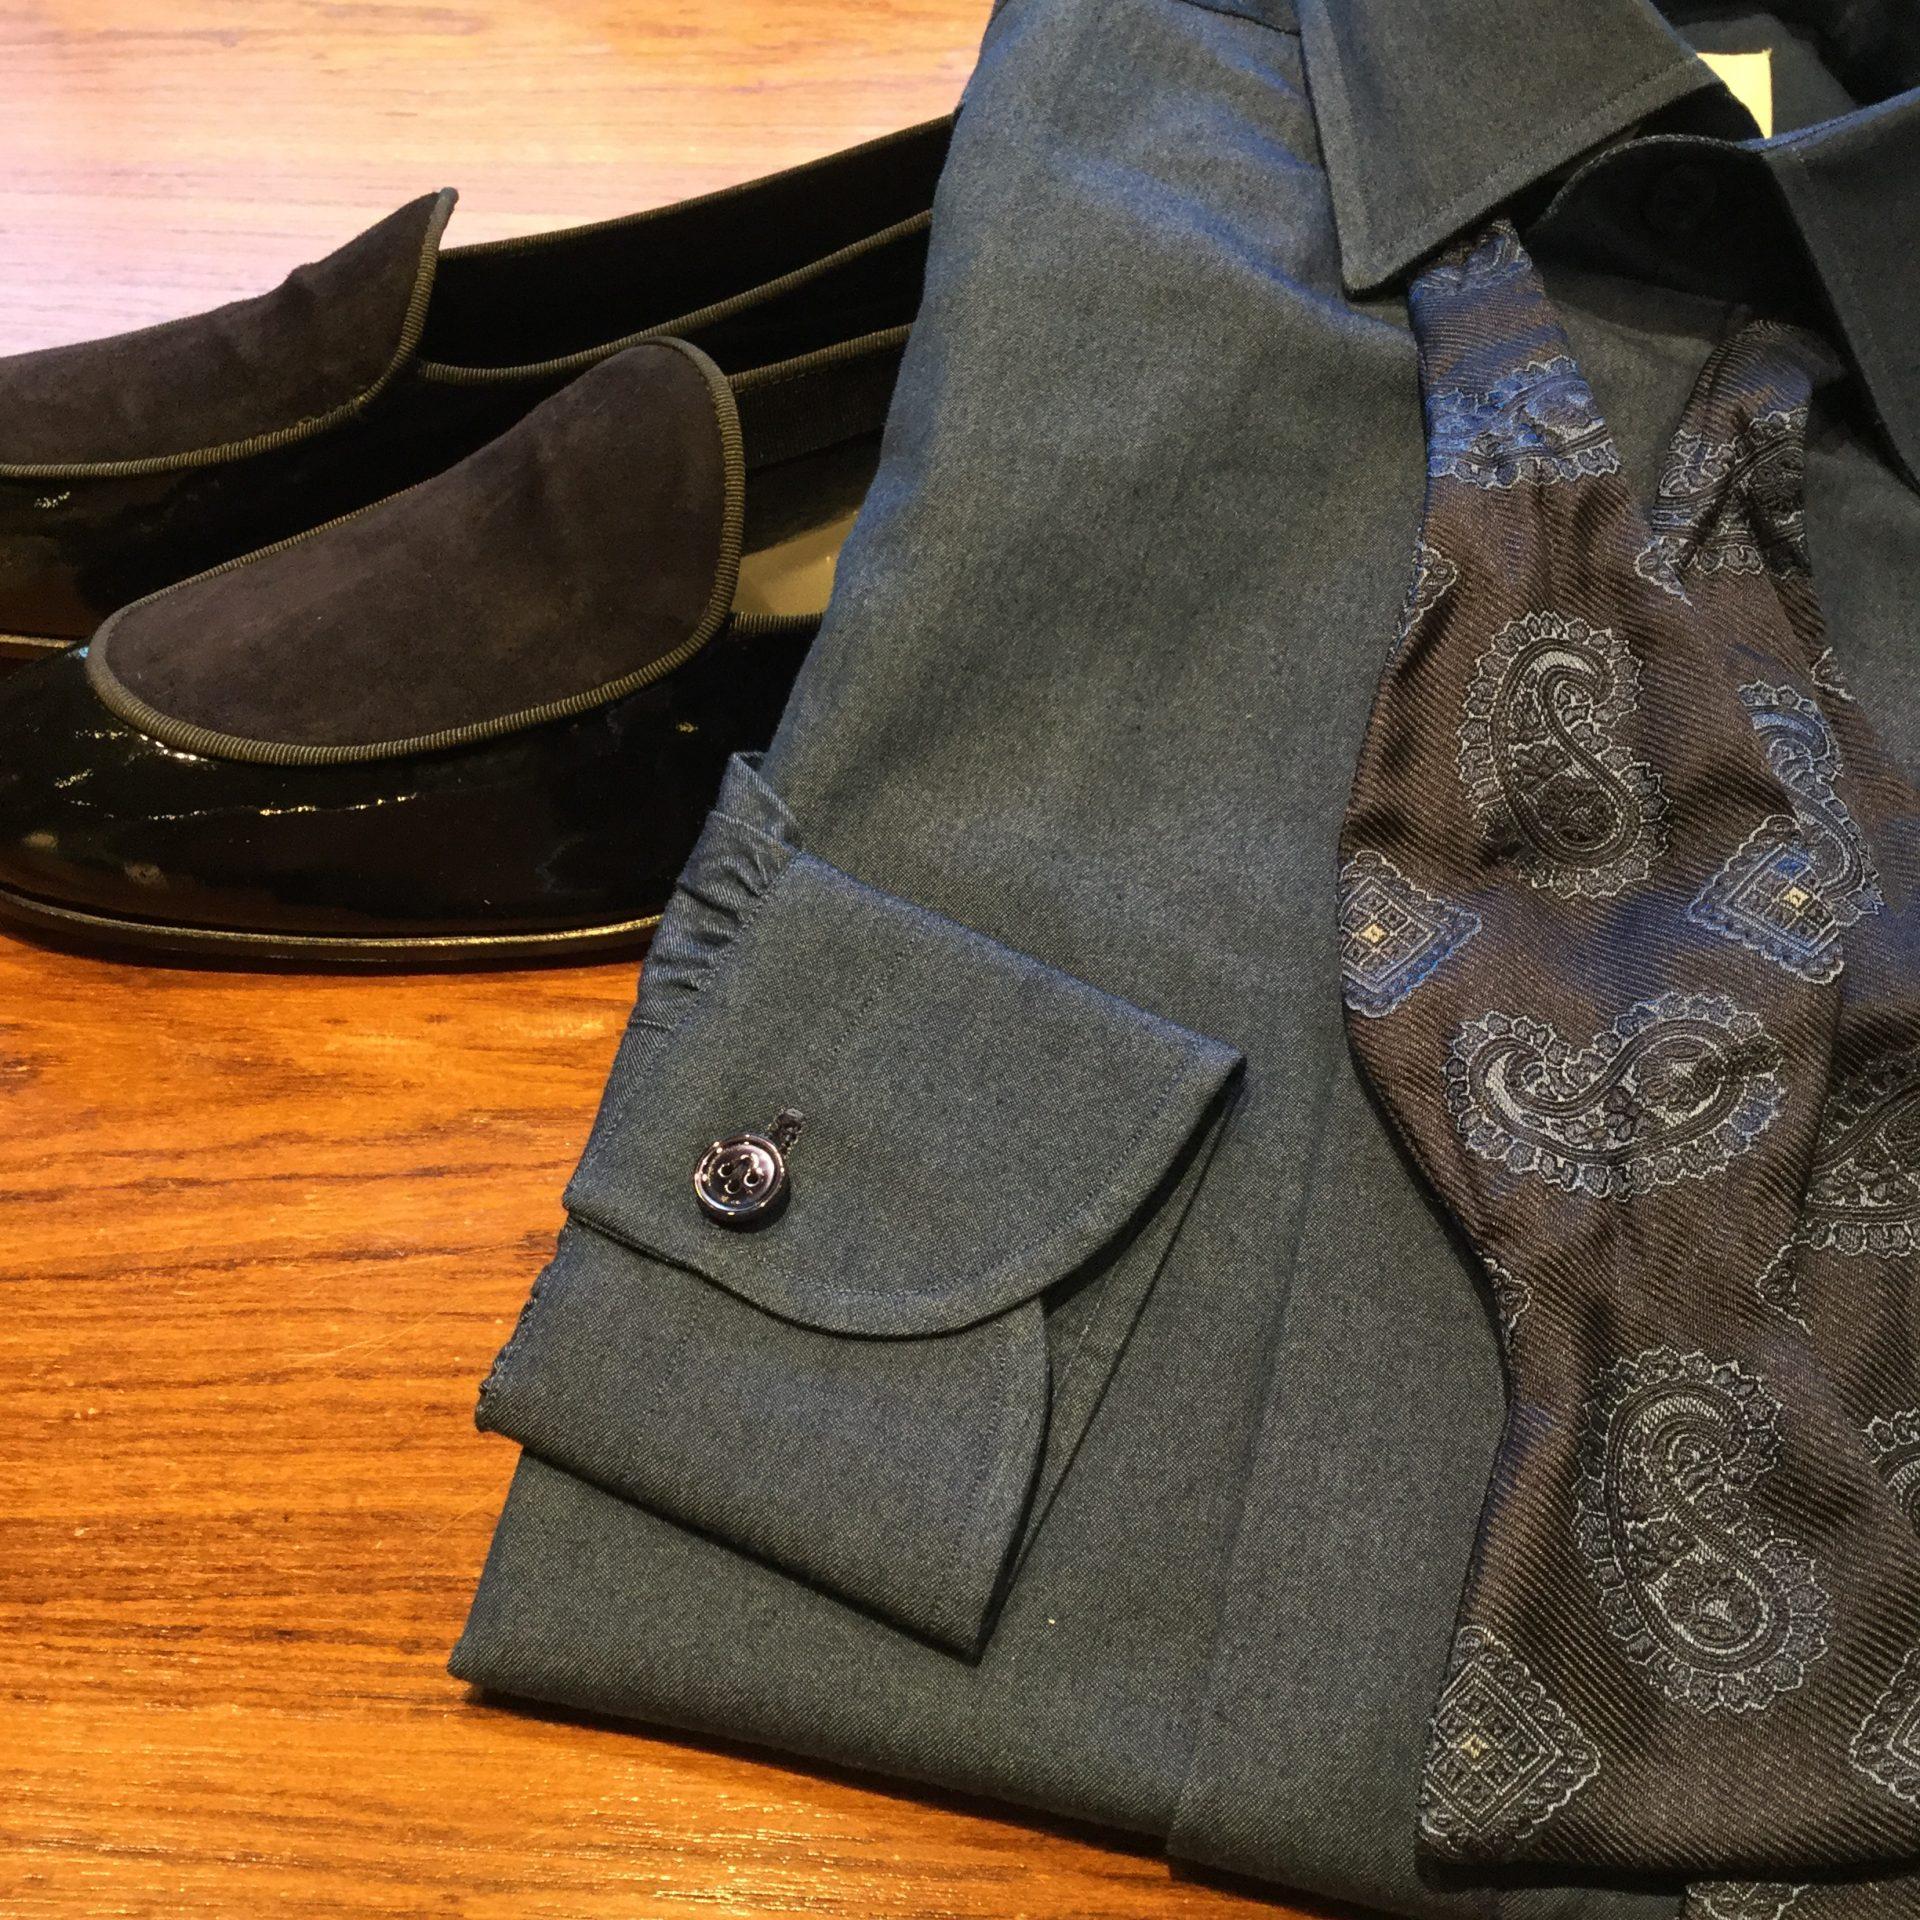 トリートジェントルマンがご紹介するタキシードにアヴィーノラボラトリオナポレターノのシャツを合わせたコーディネート